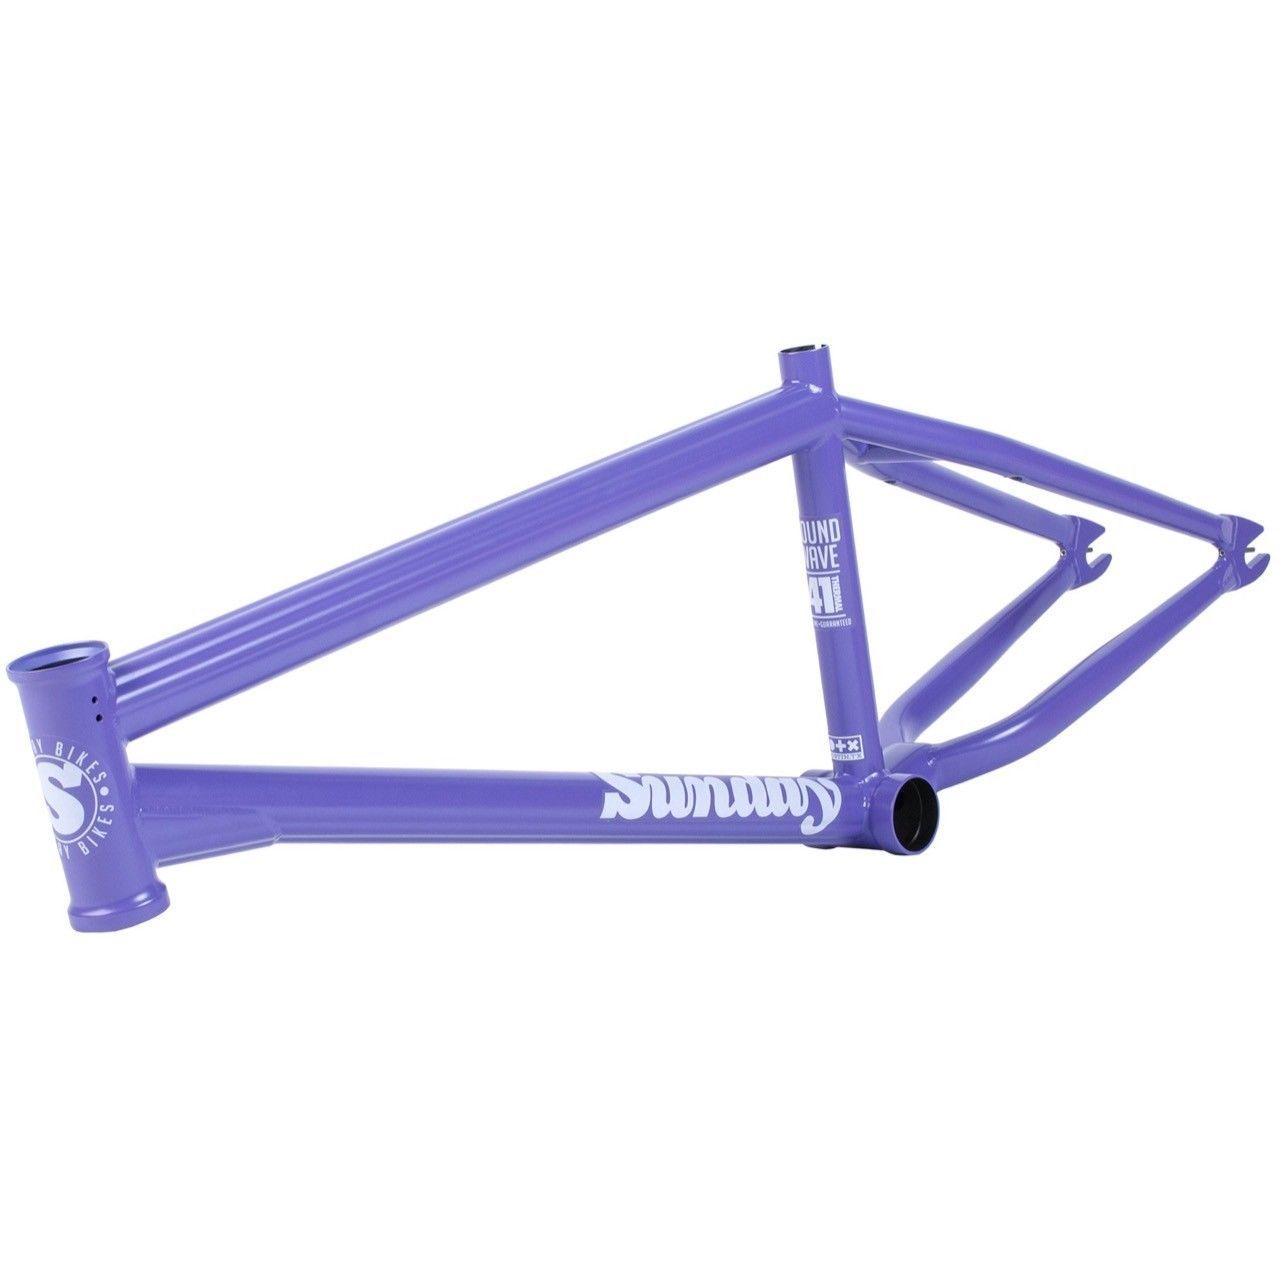 Sunday bmx bike soundwave v2 bicycle frame purple gary young fit ...